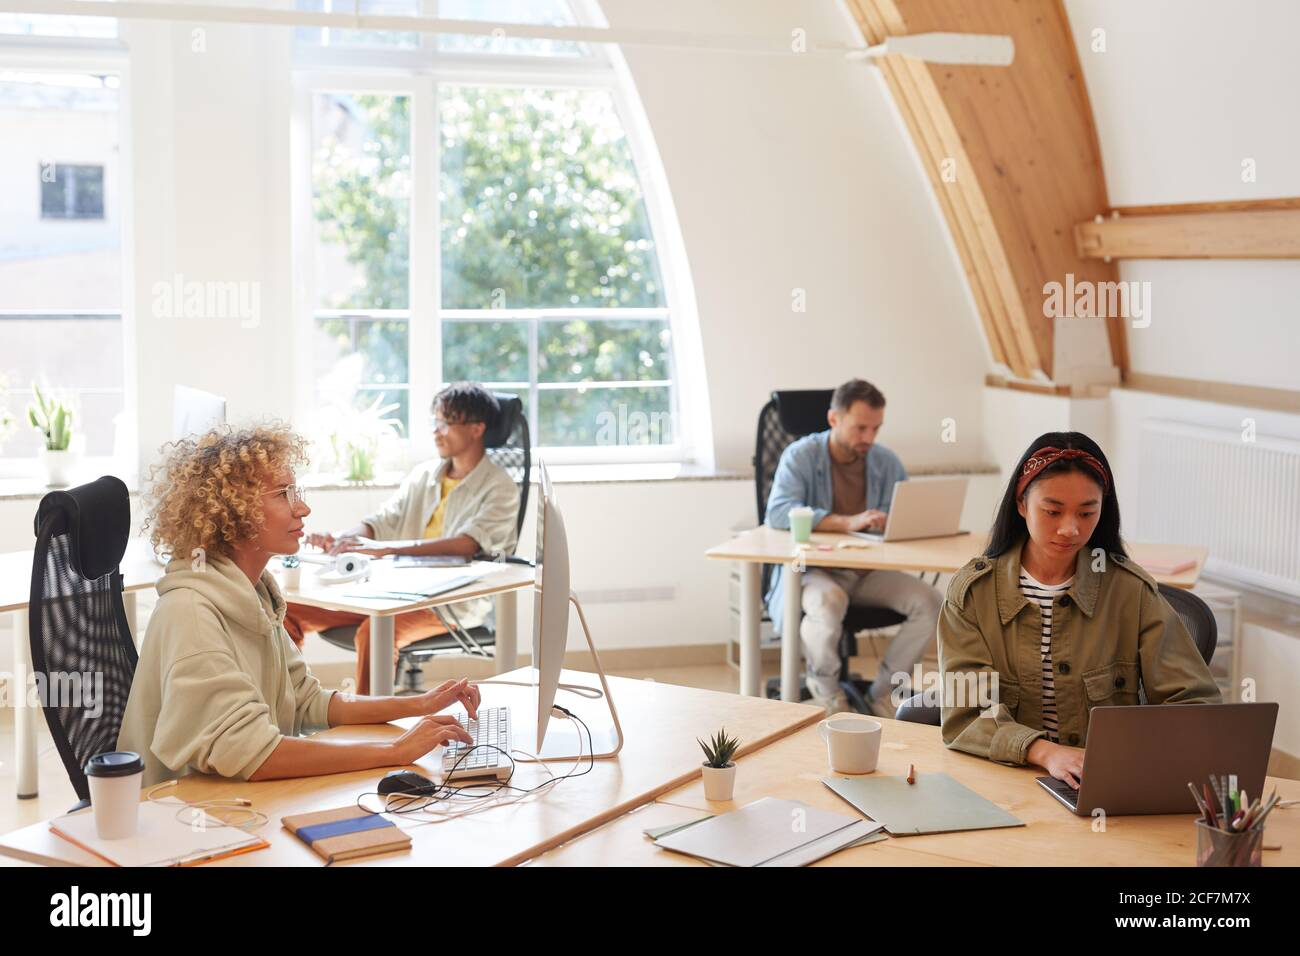 Gruppo di uomini d'affari in abbigliamento casual seduti al loro luoghi di lavoro e utilizzo di computer nel proprio lavoro in ufficio Foto Stock